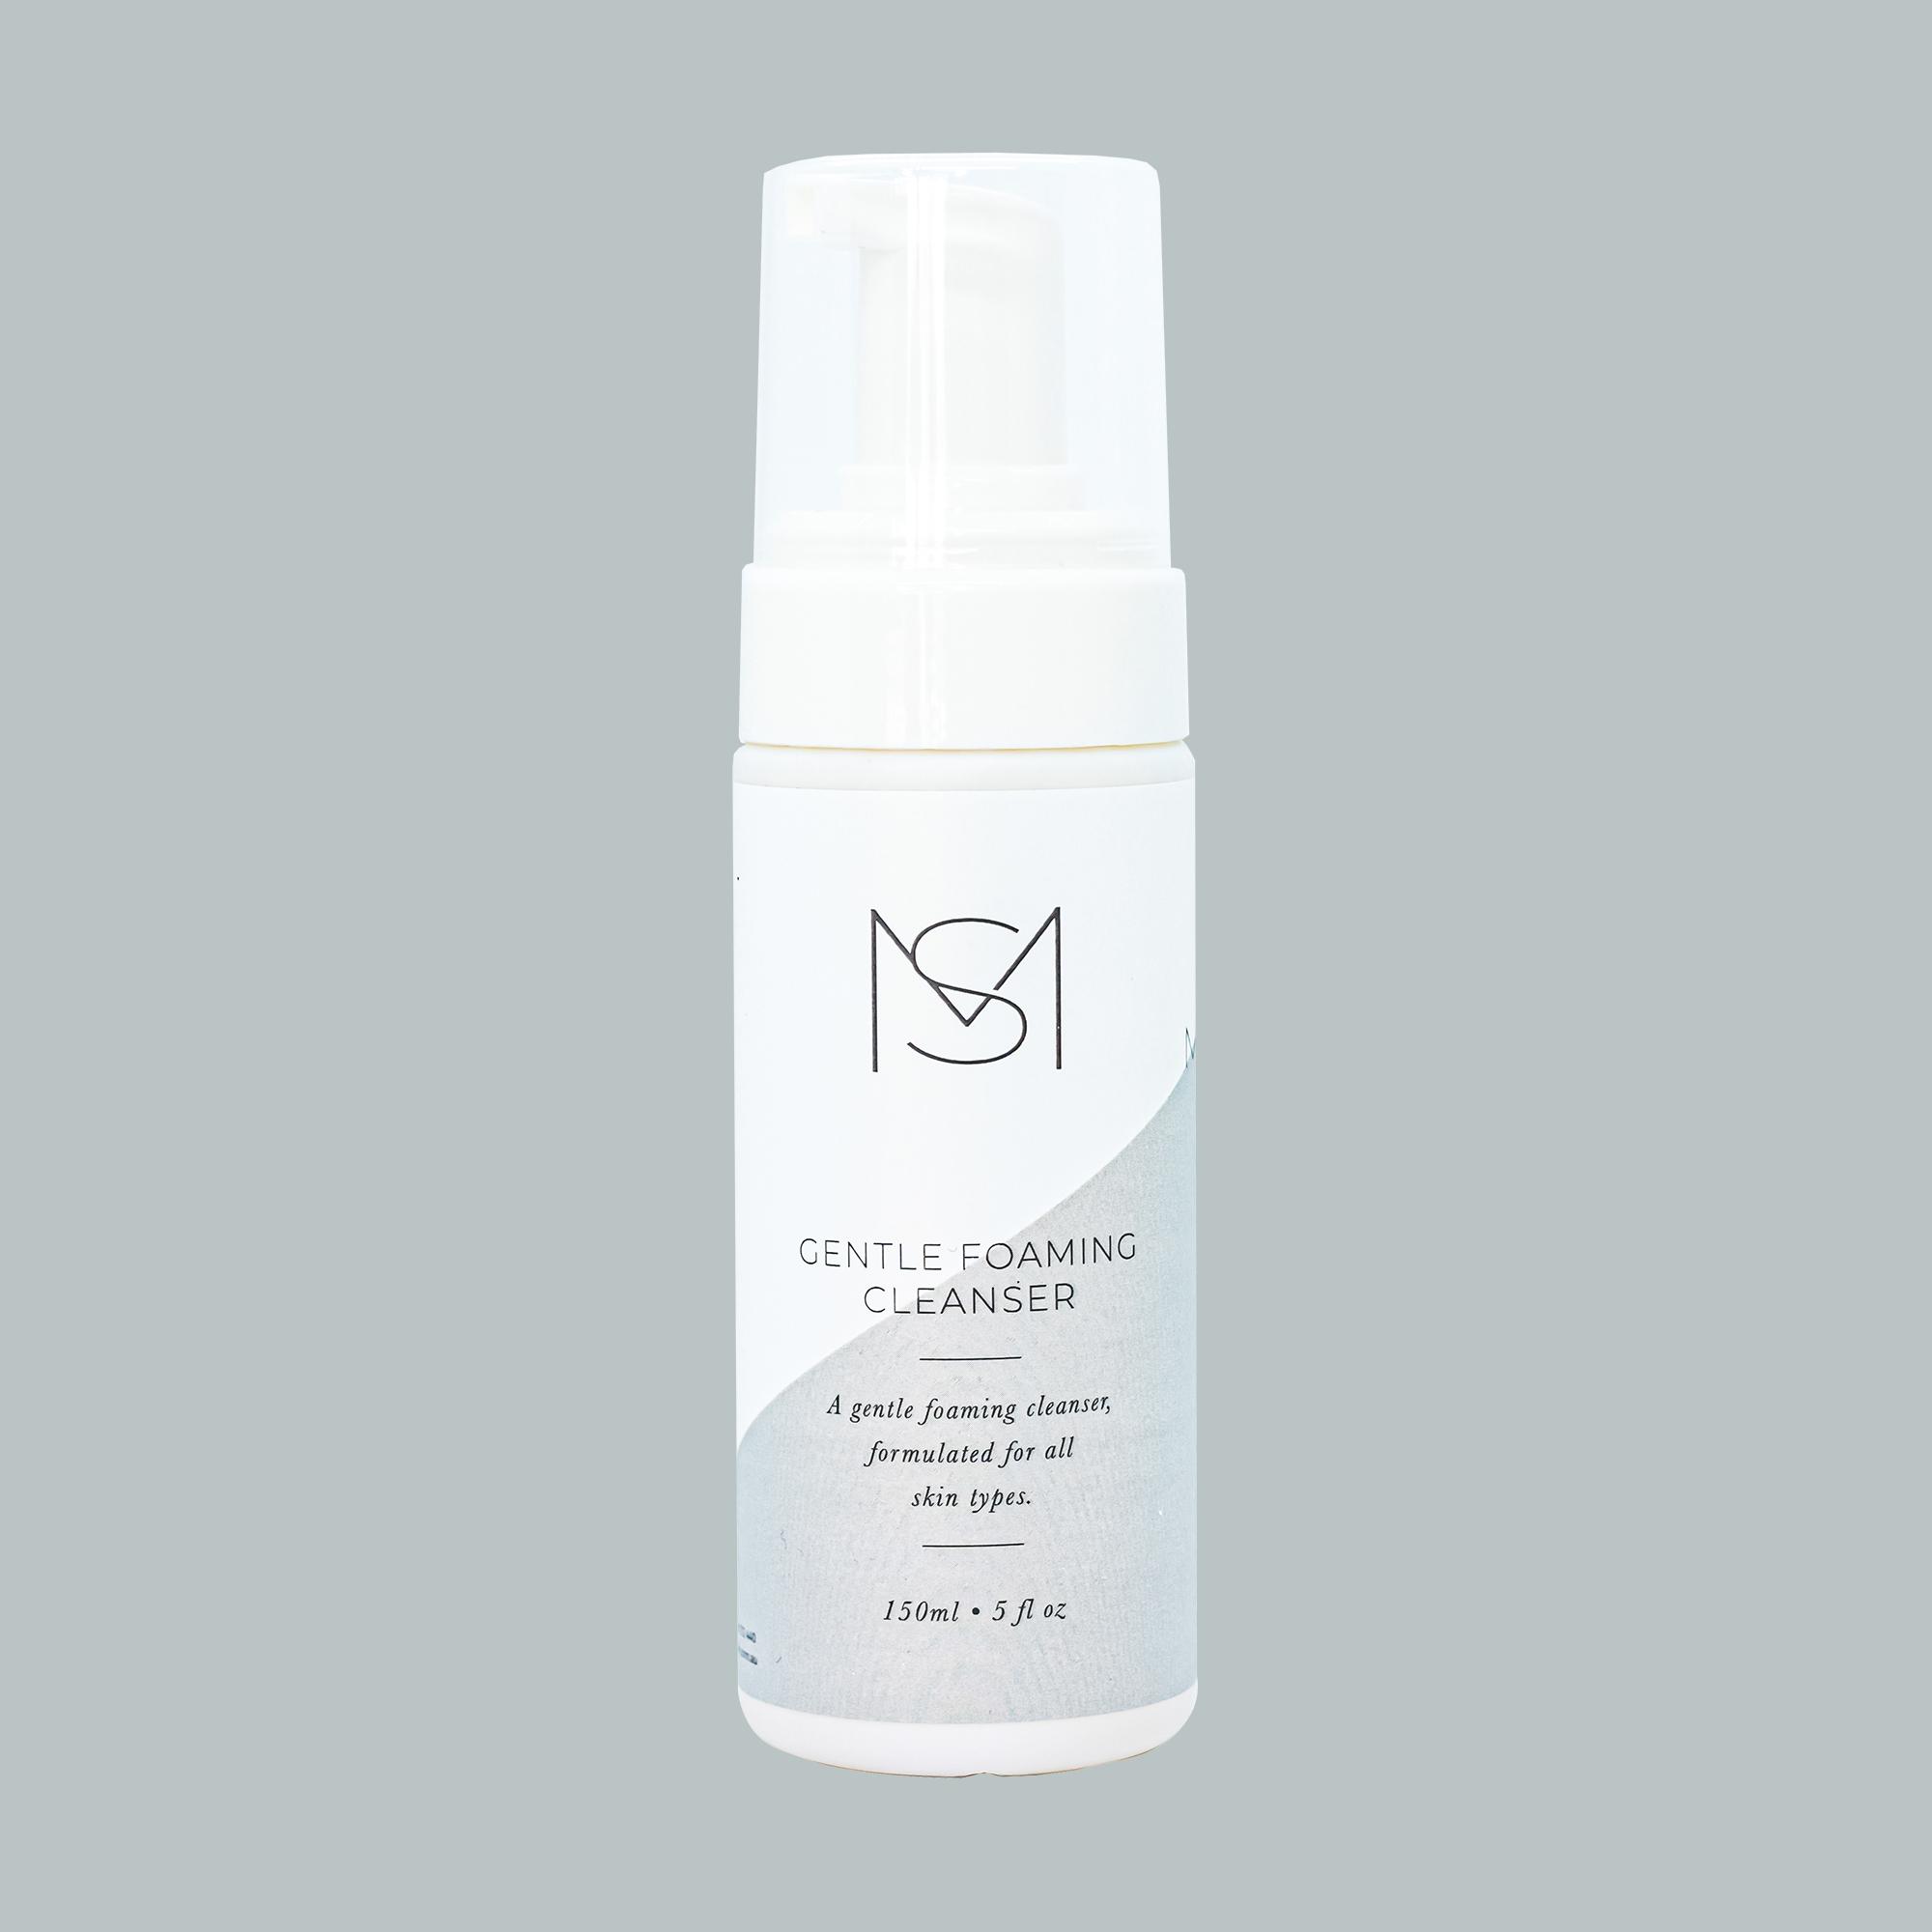 Gentle Foaming Cleanser for Men - mariellaSKIN Perth WA